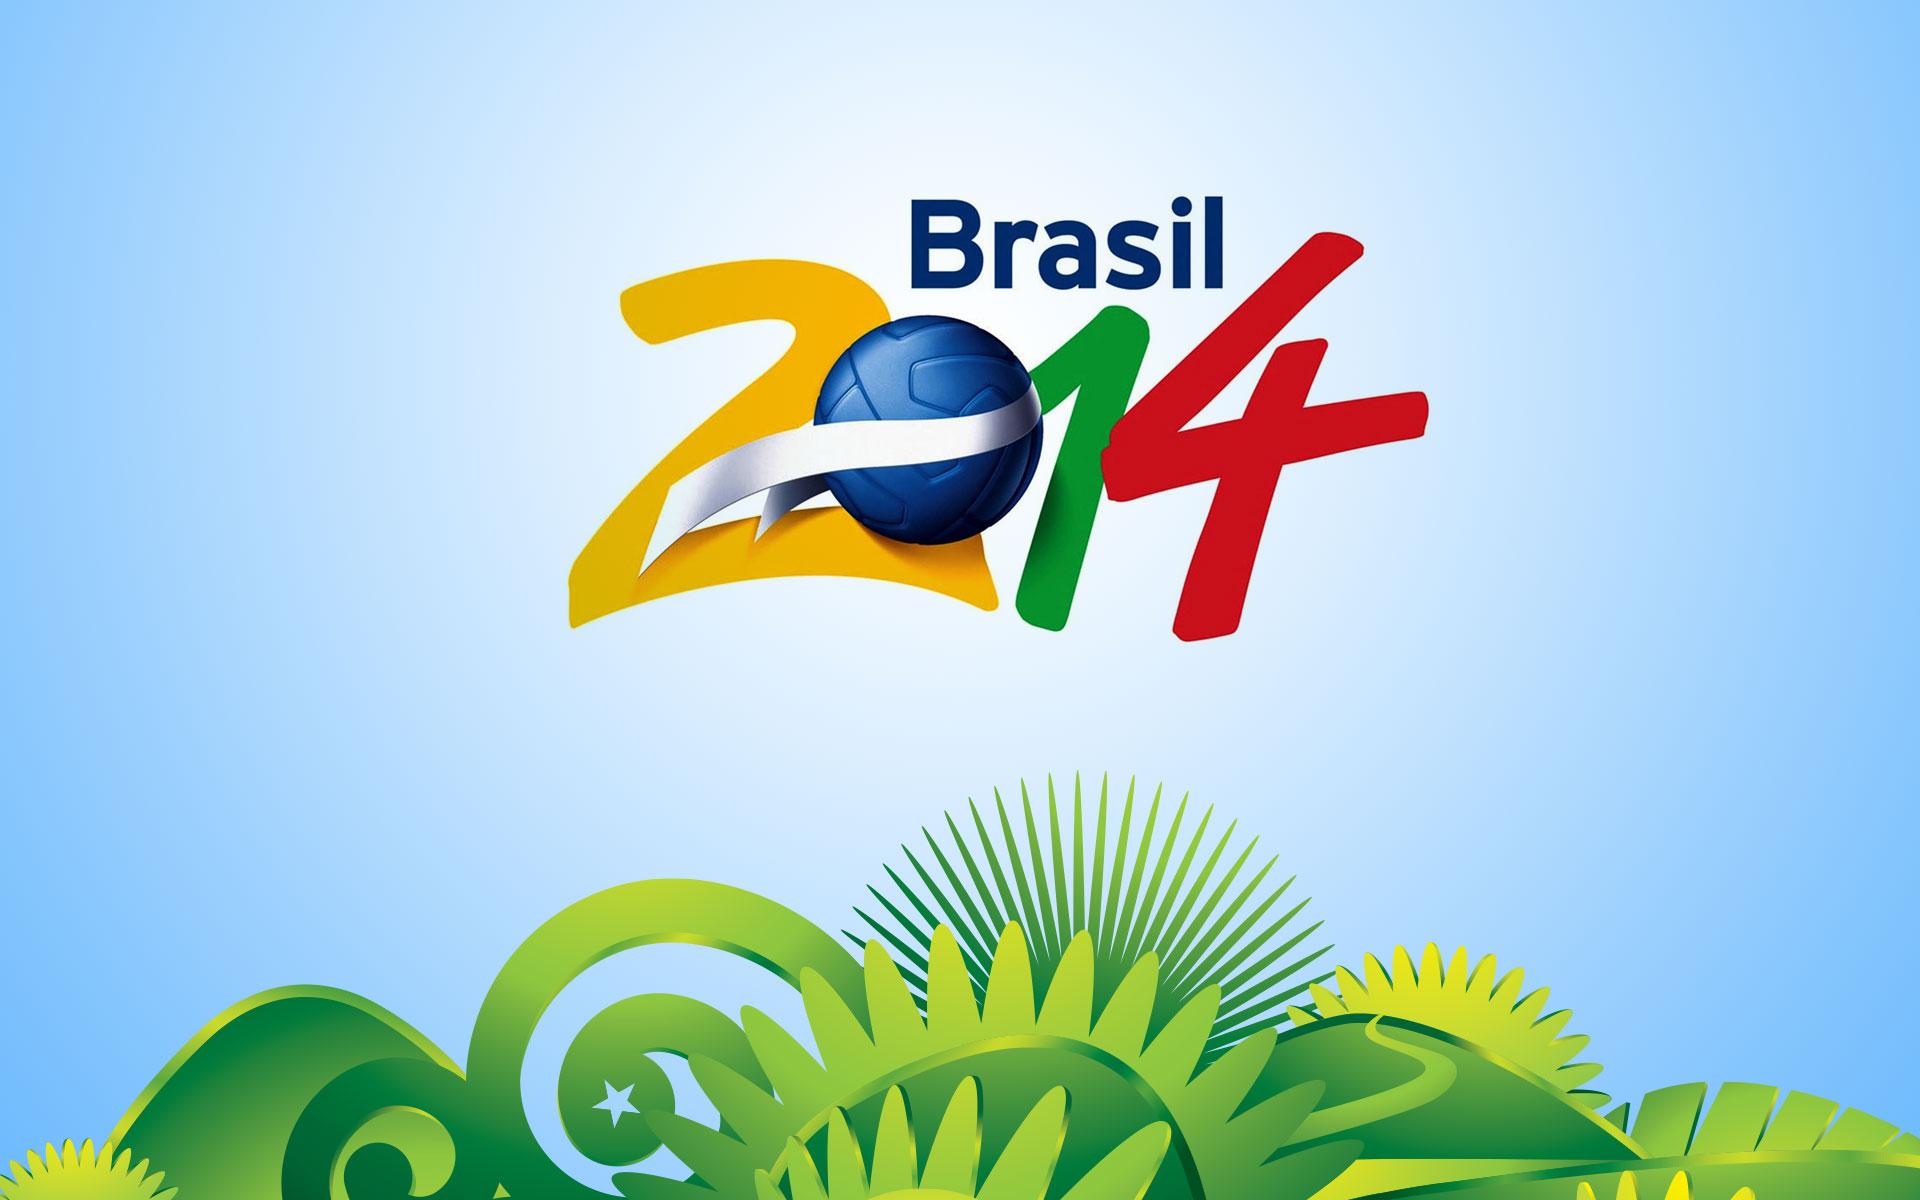 Copa Brasil 2014 - 1920x1200